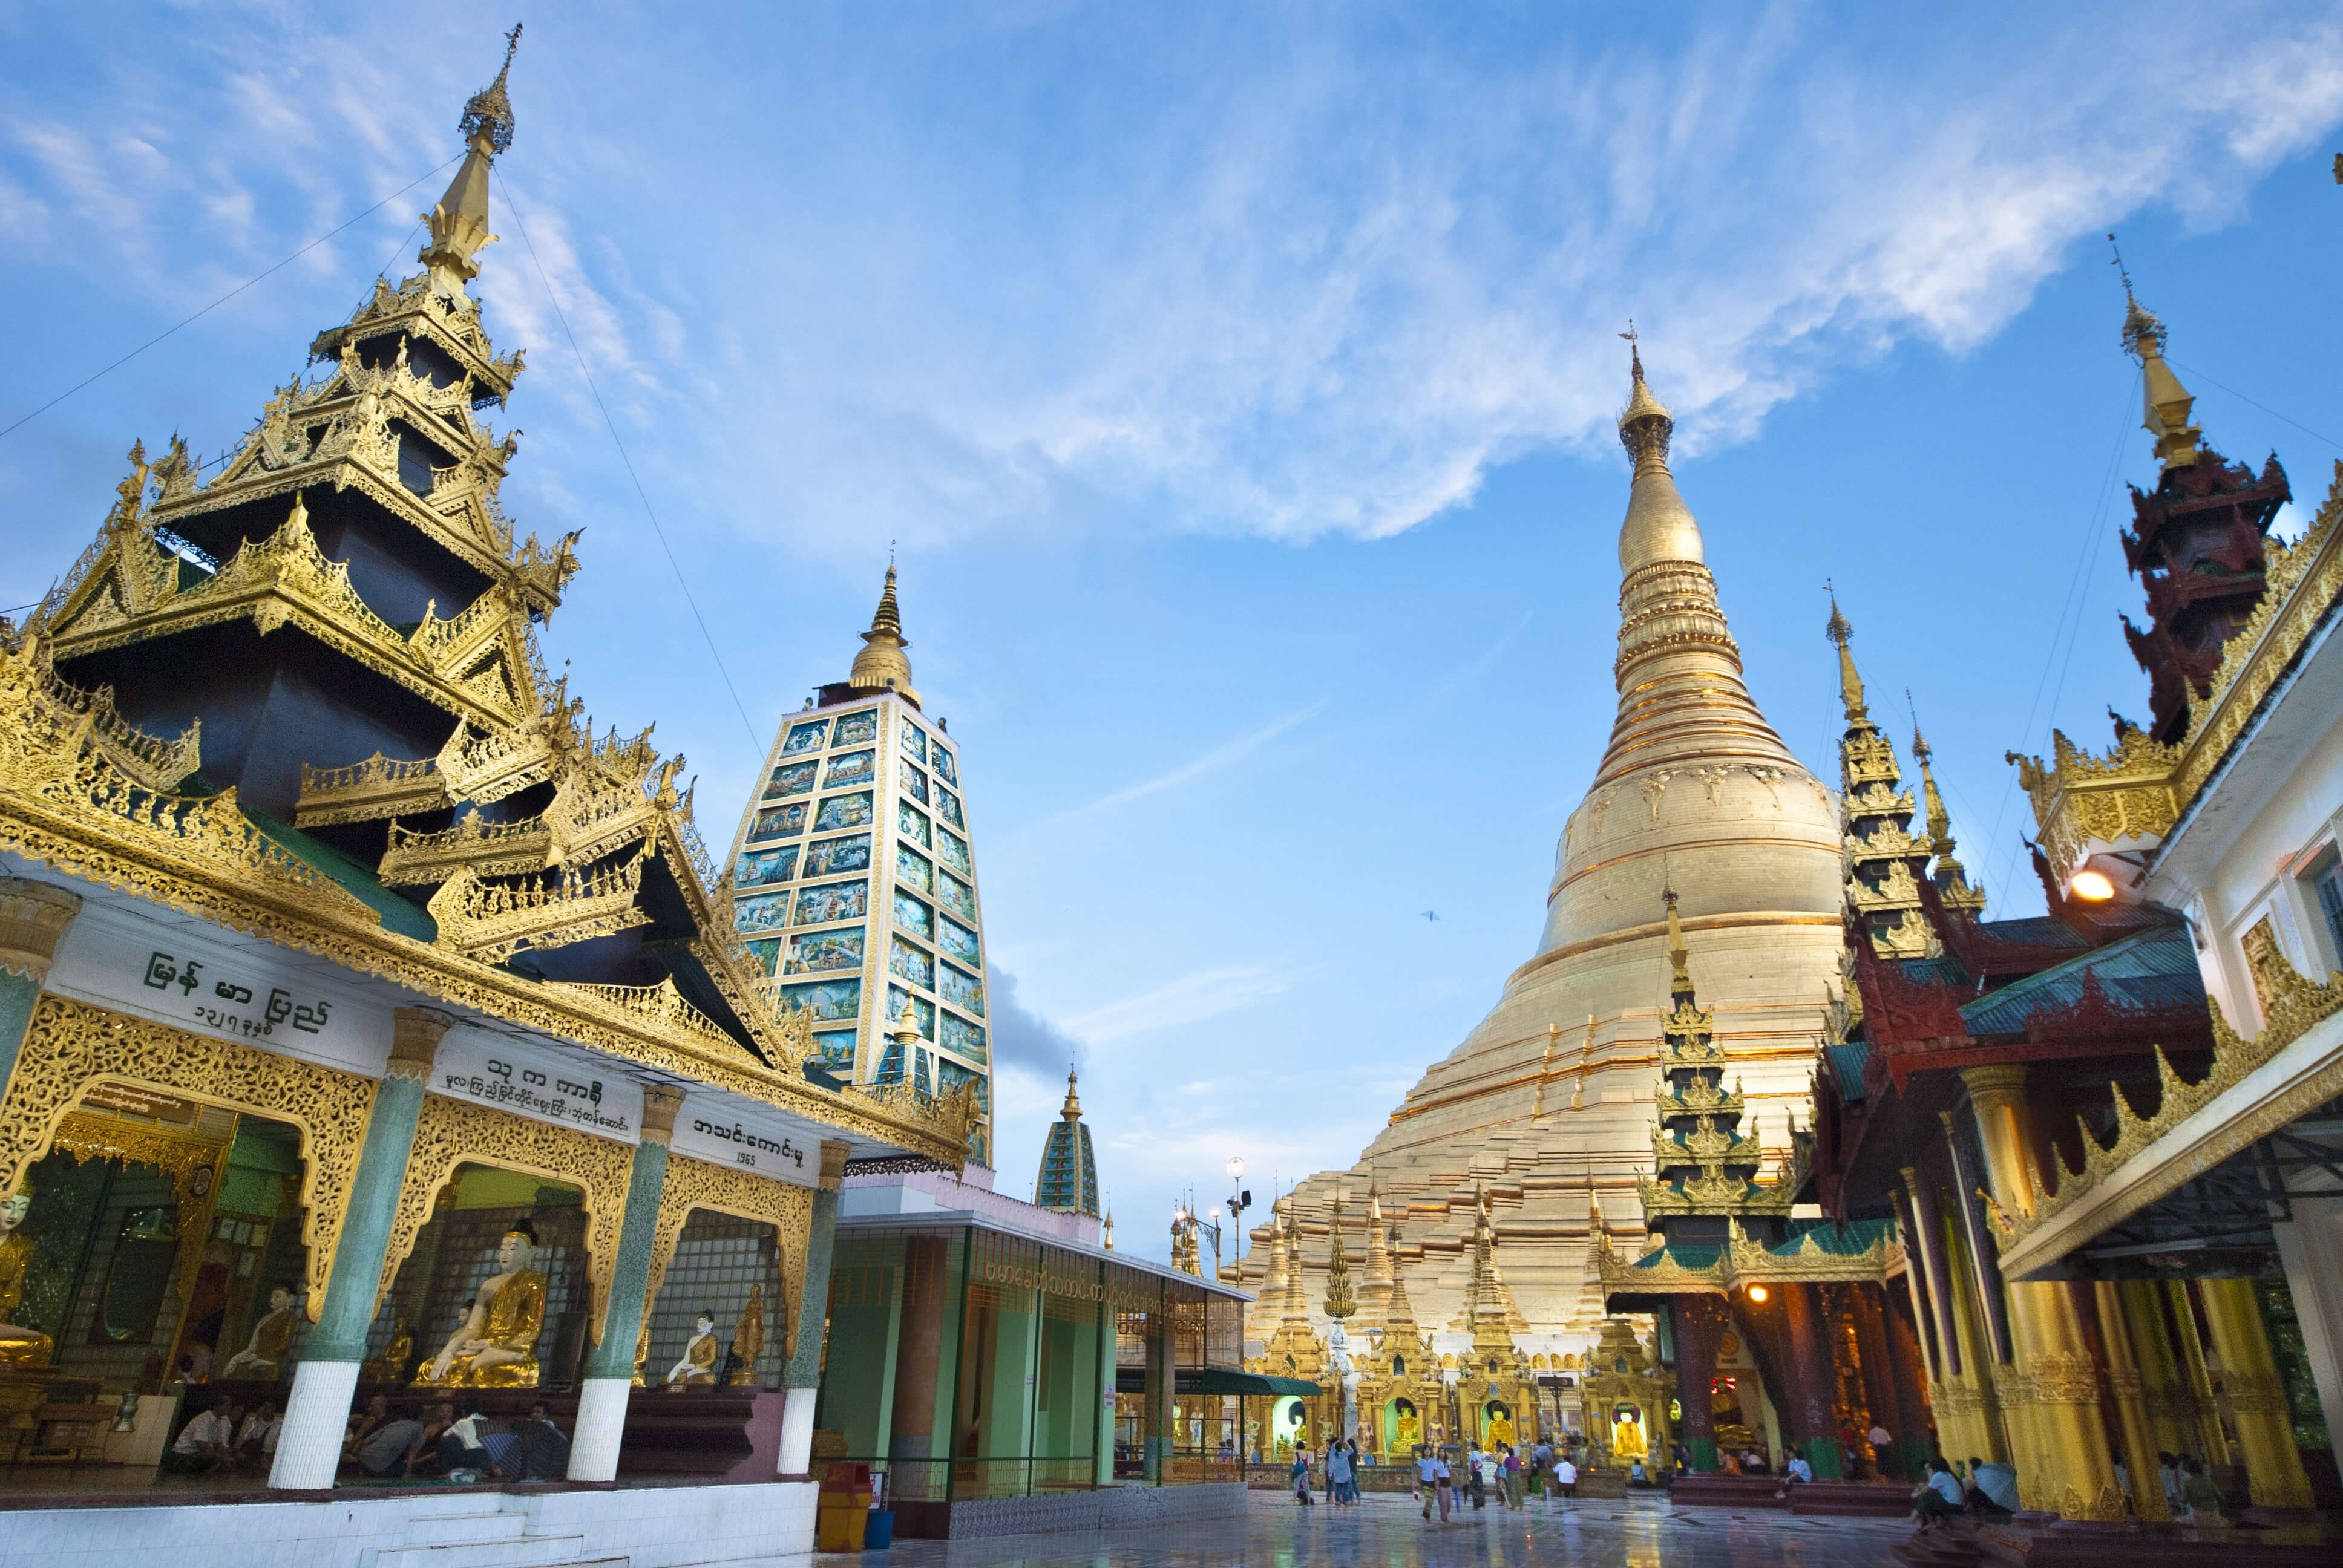 Восхитительна Азия: как и чем впечатляет туристов Мьянма